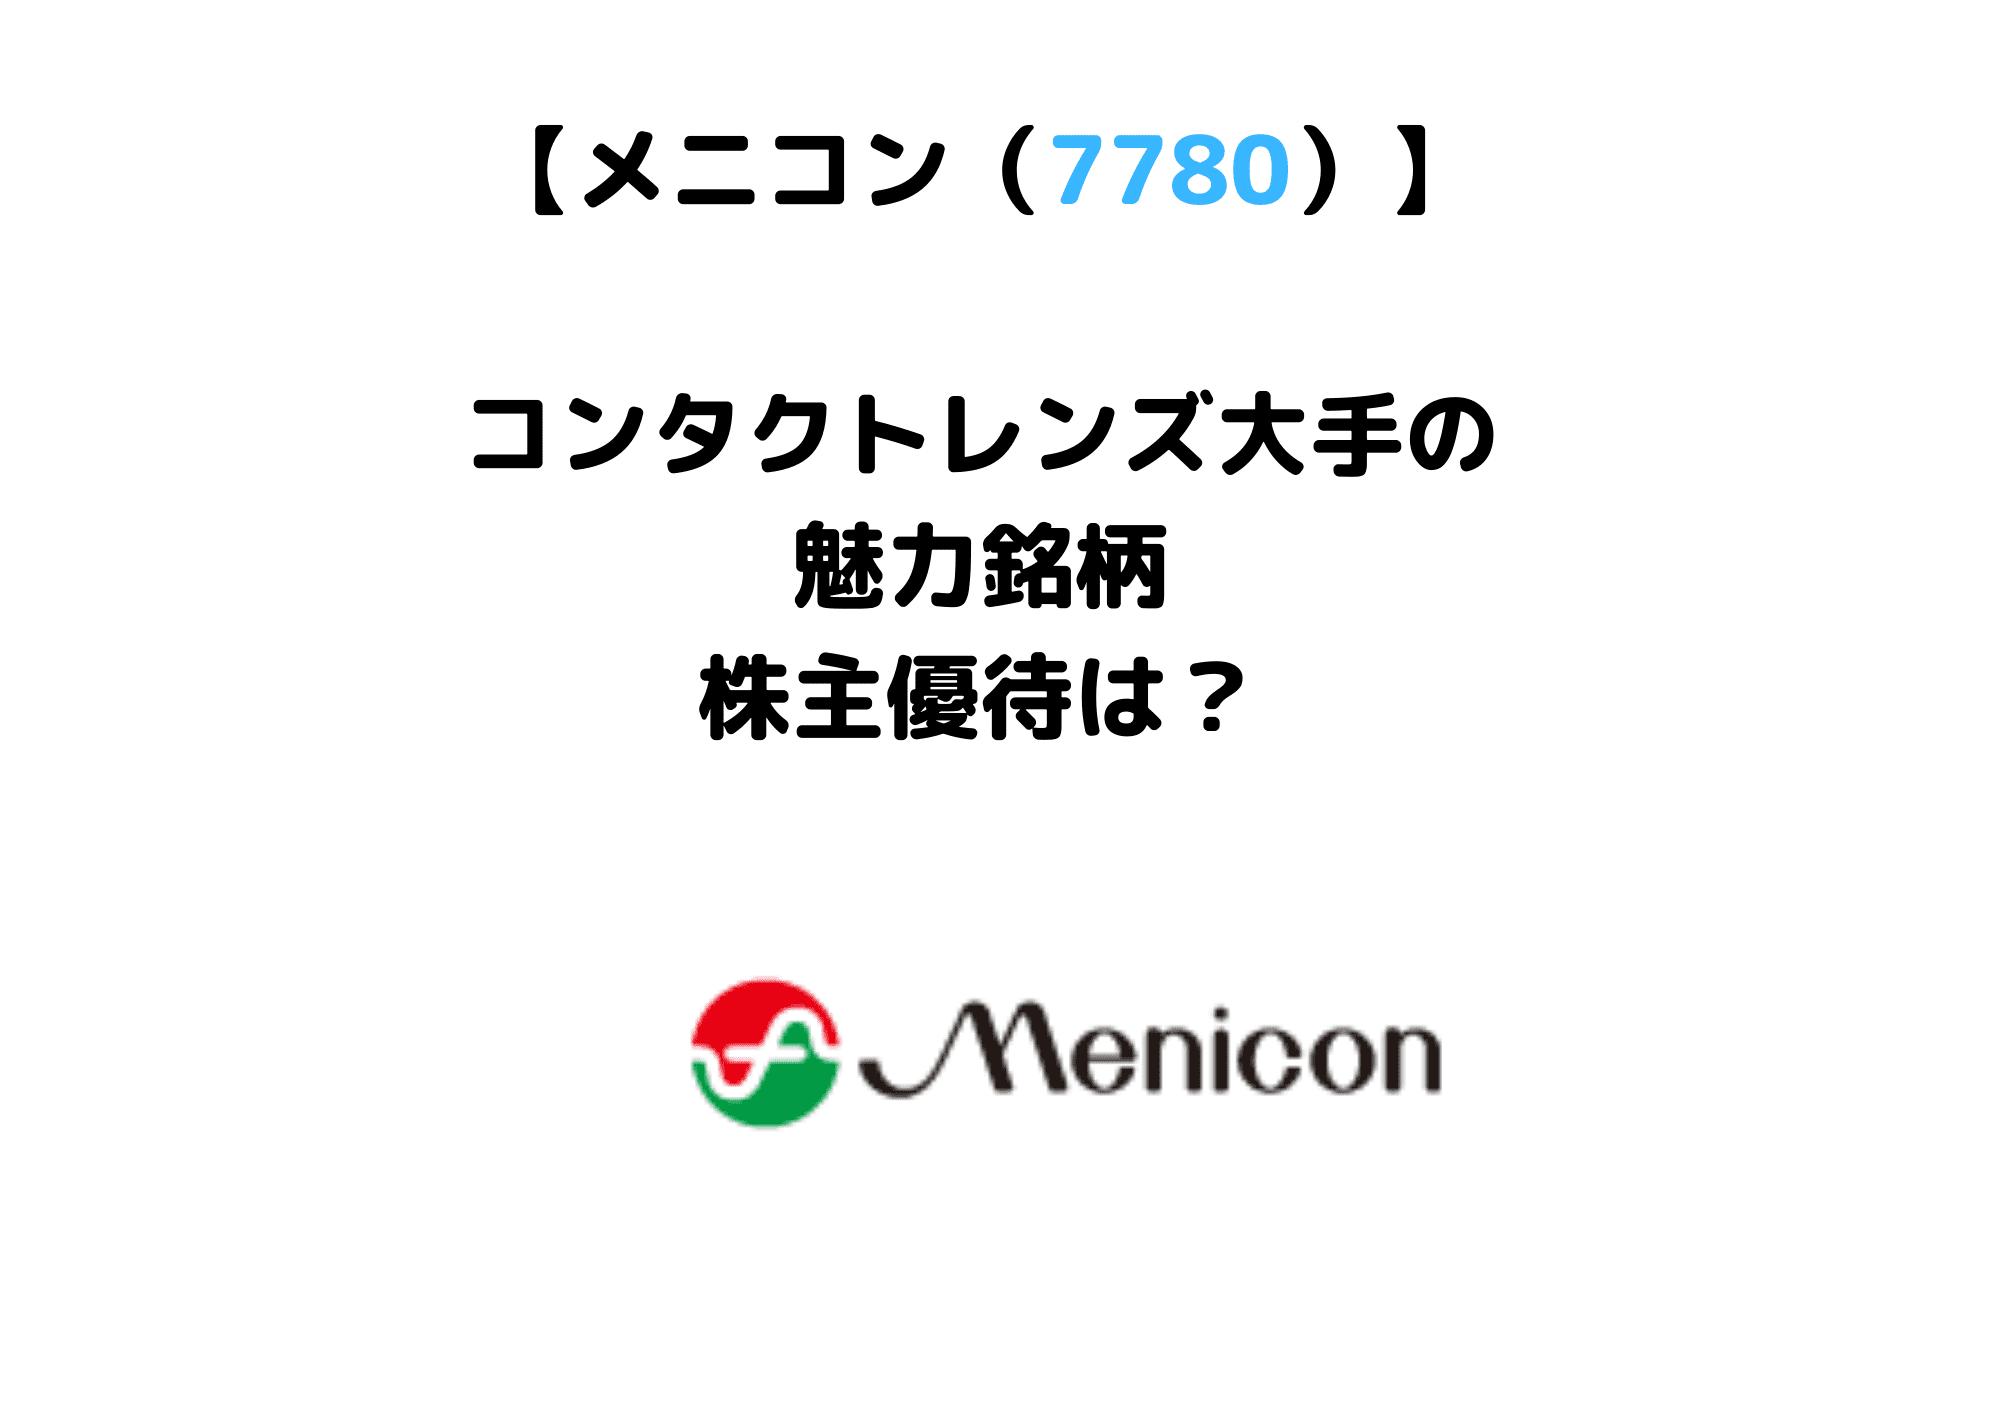 メニコン (1)